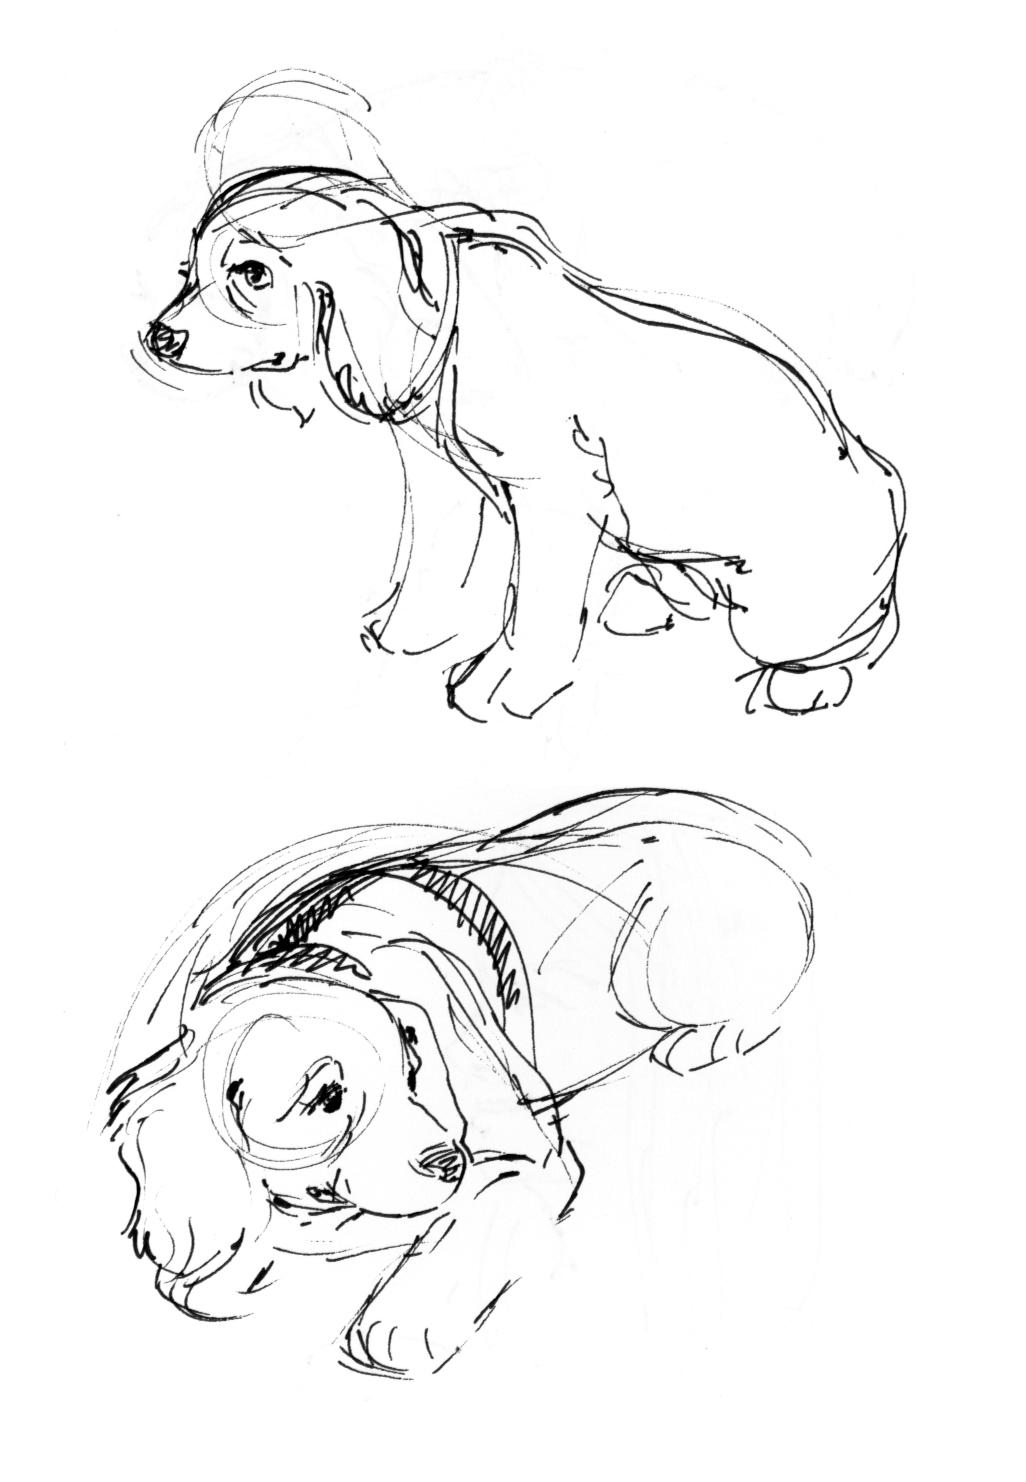 Tiffanny S Sketchbook September